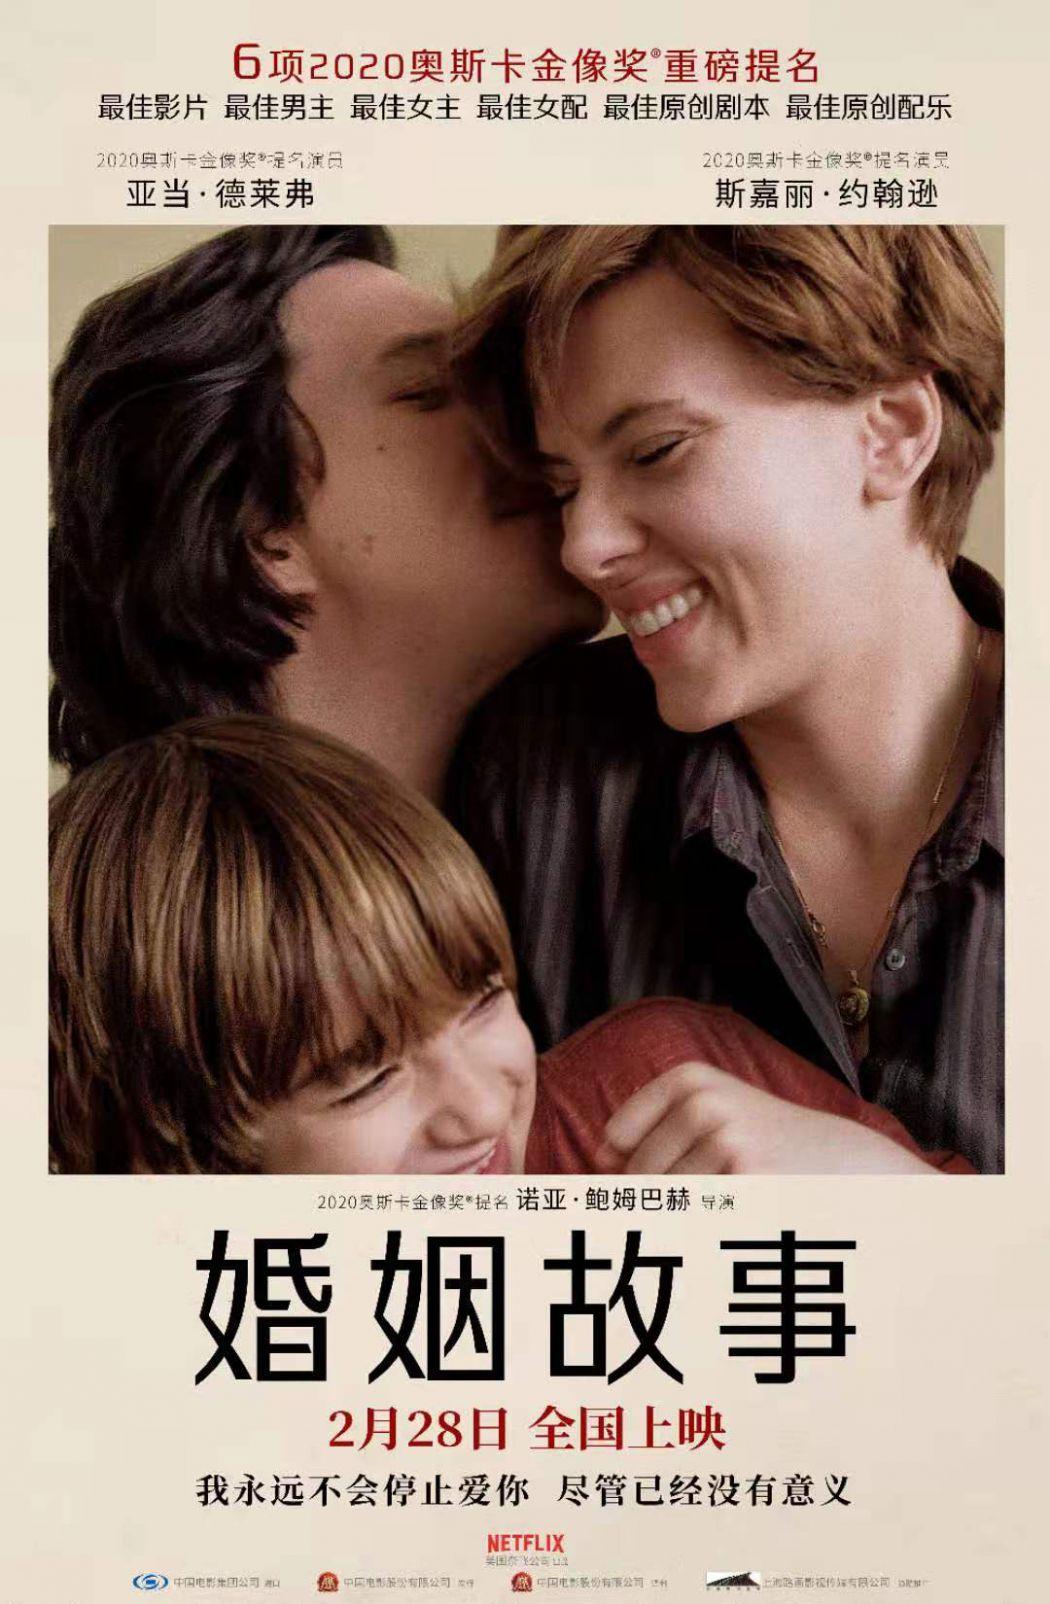 《婚姻故事》获奥斯卡6项提名 定档2月28日